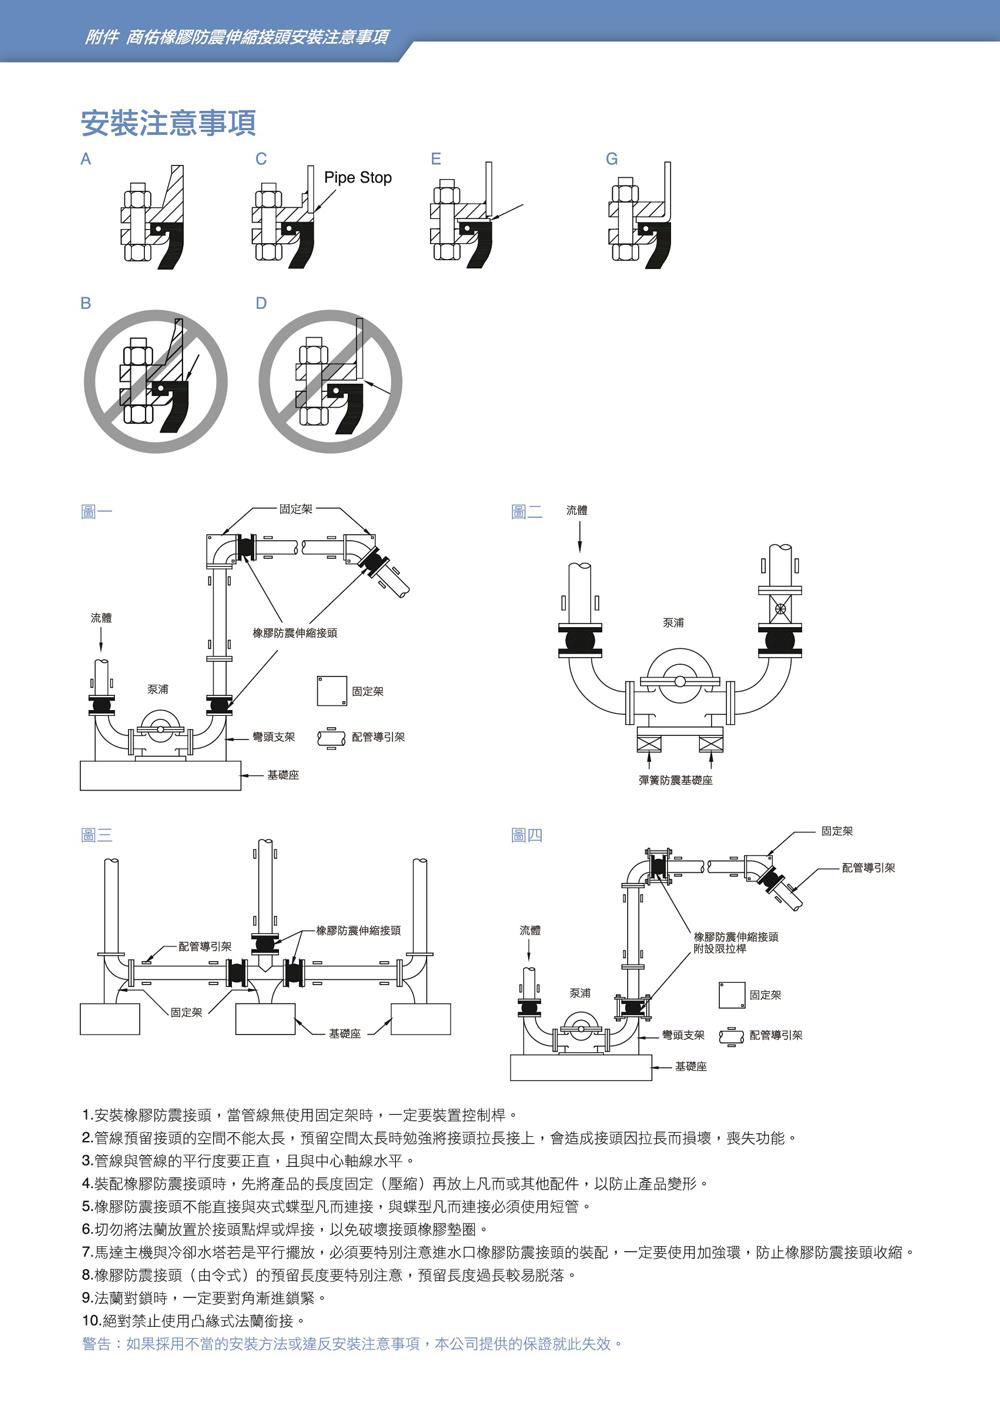 proimages/pro/技術支援/橡膠-安裝注意事項.jpg